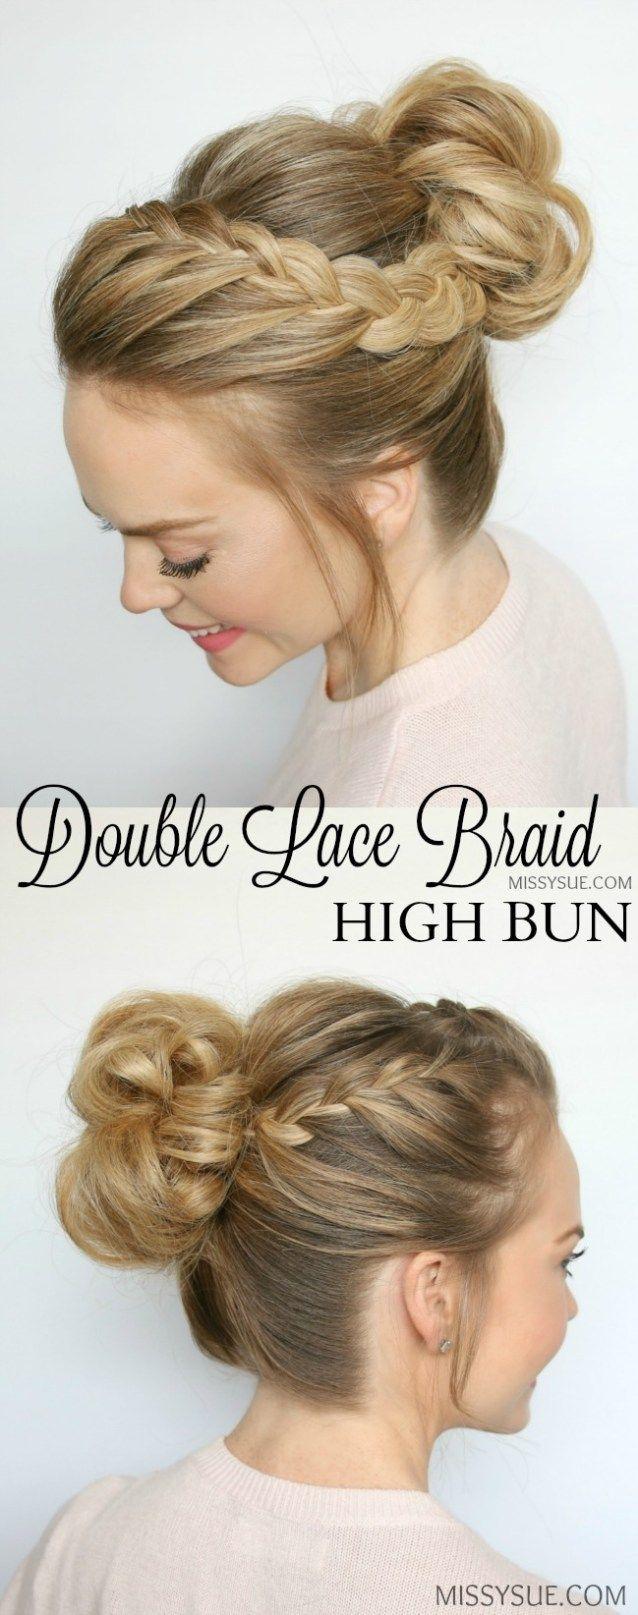 box braids high bun tutorial